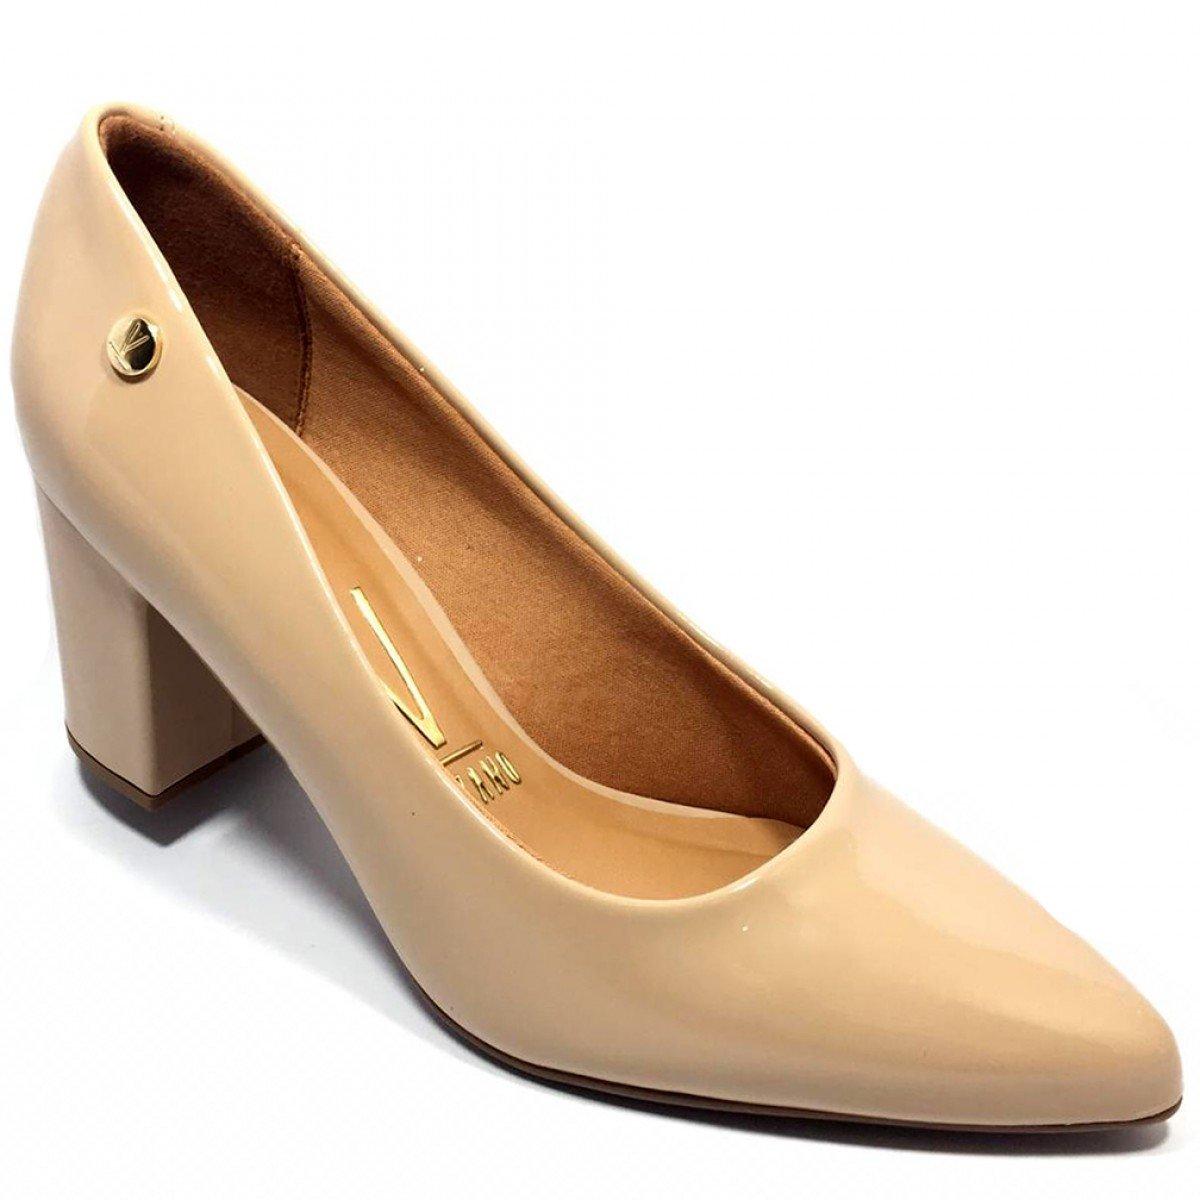 3c2deb237 Sapato Scarpin Verniz Bico Fino Vizzano Bege - Compre Aqui | Cabana ...